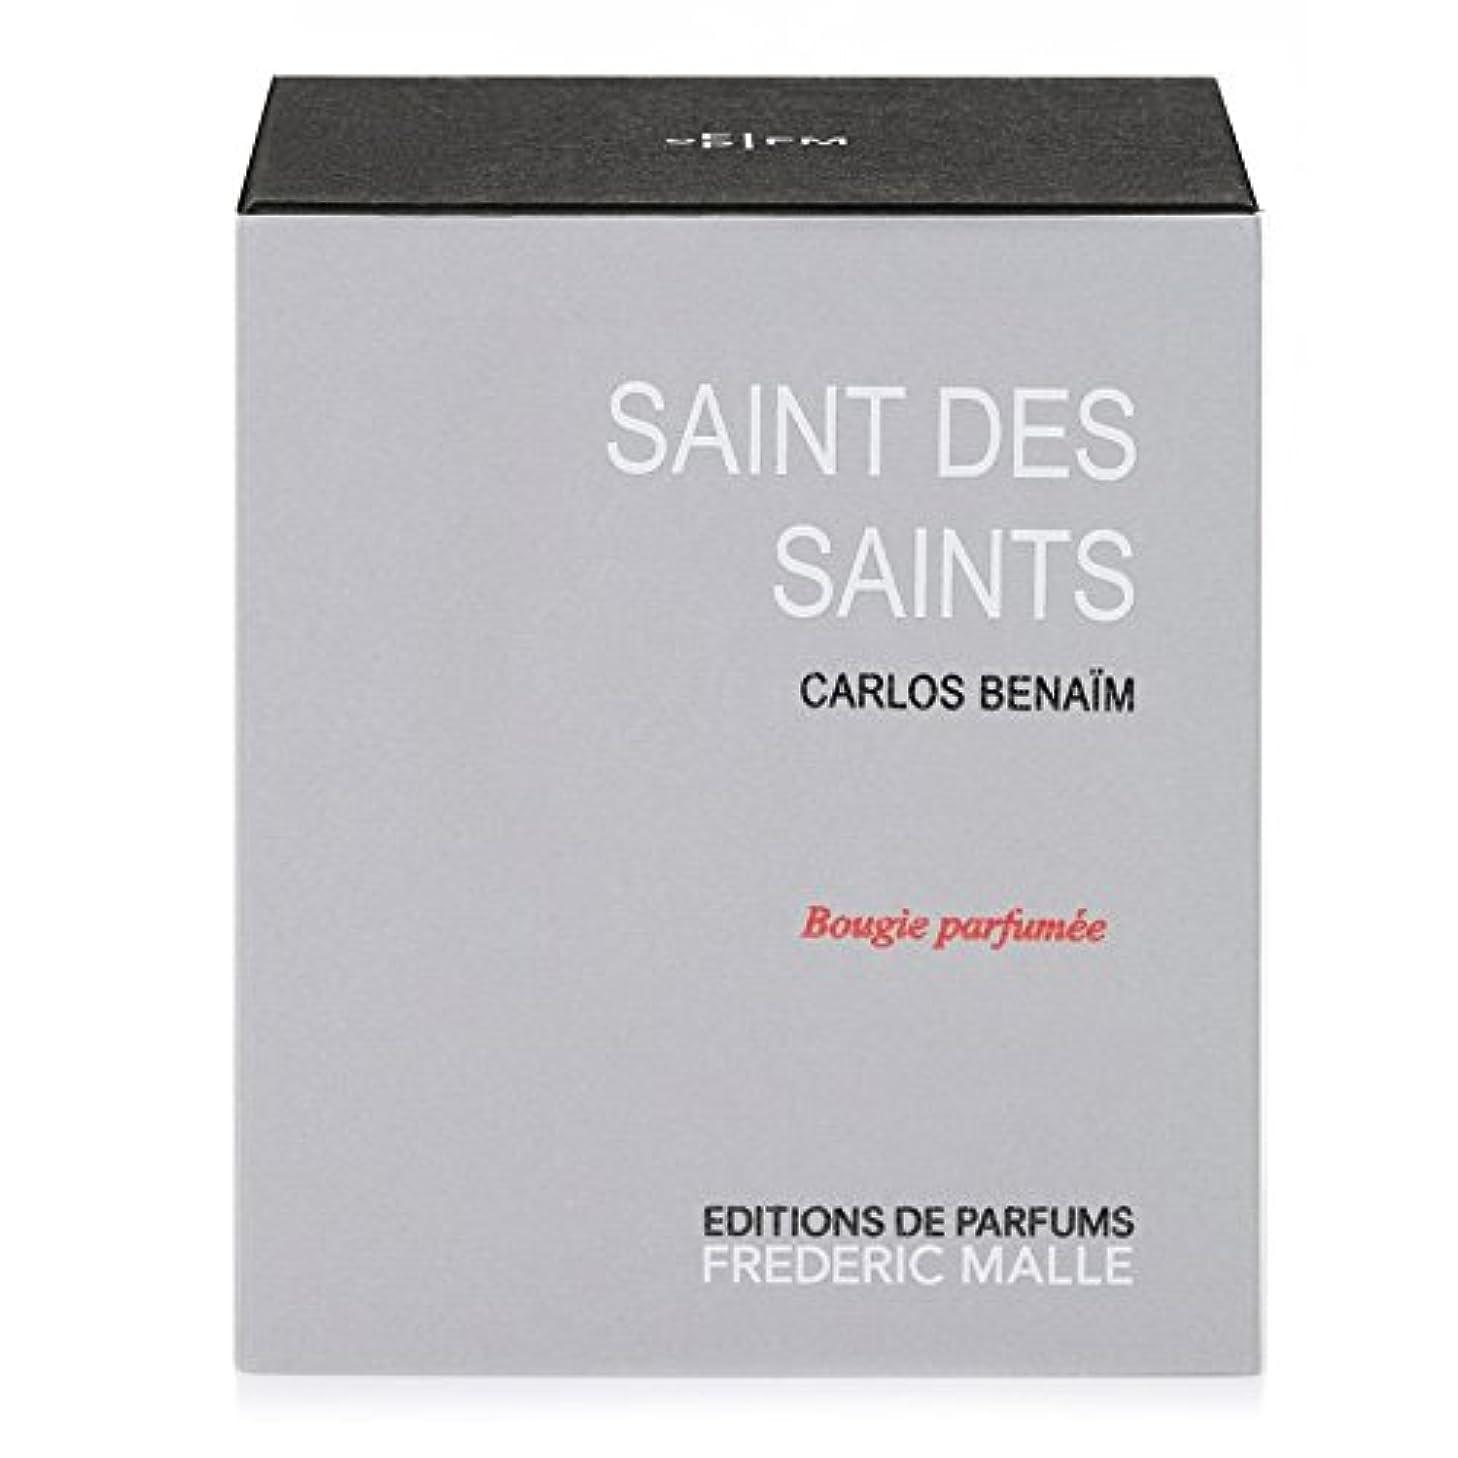 じゃない酔っ払い群衆フレデリック?マル聖人デ聖人の香りのキャンドル220グラム x6 - Frederic Malle Saint Des Saints Scented Candle 220g (Pack of 6) [並行輸入品]